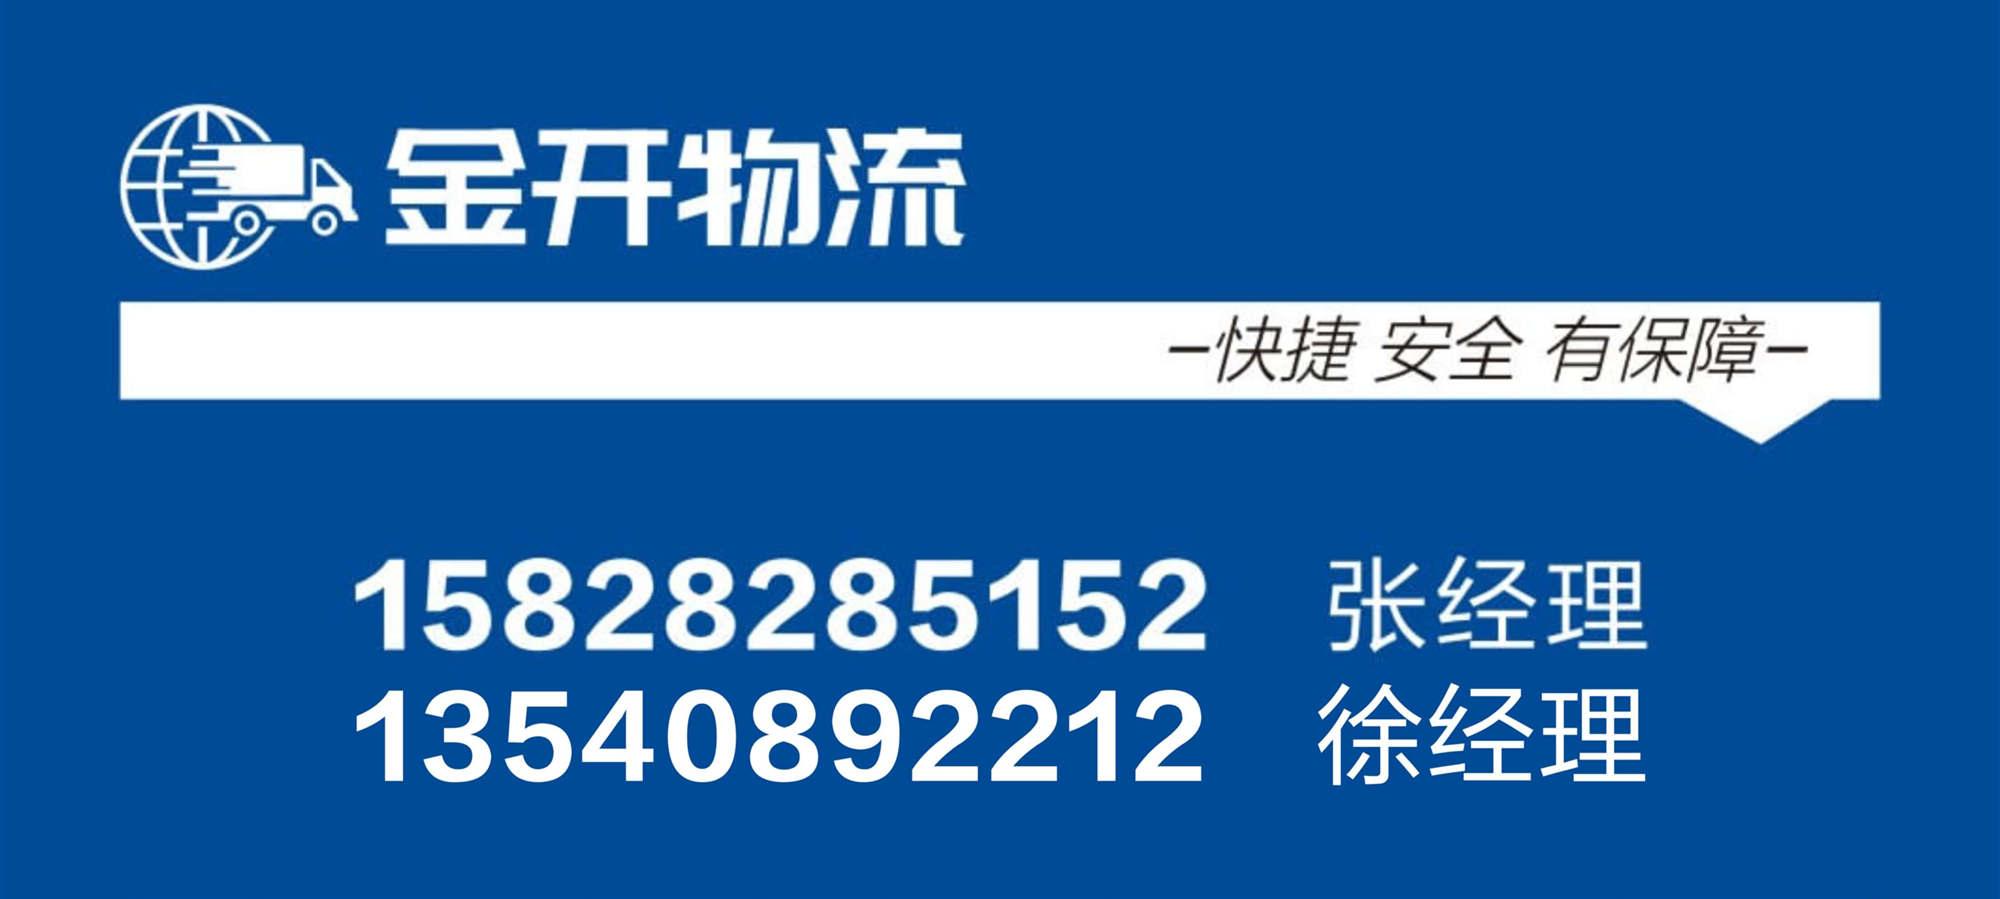 重庆到徐州物流公司电话